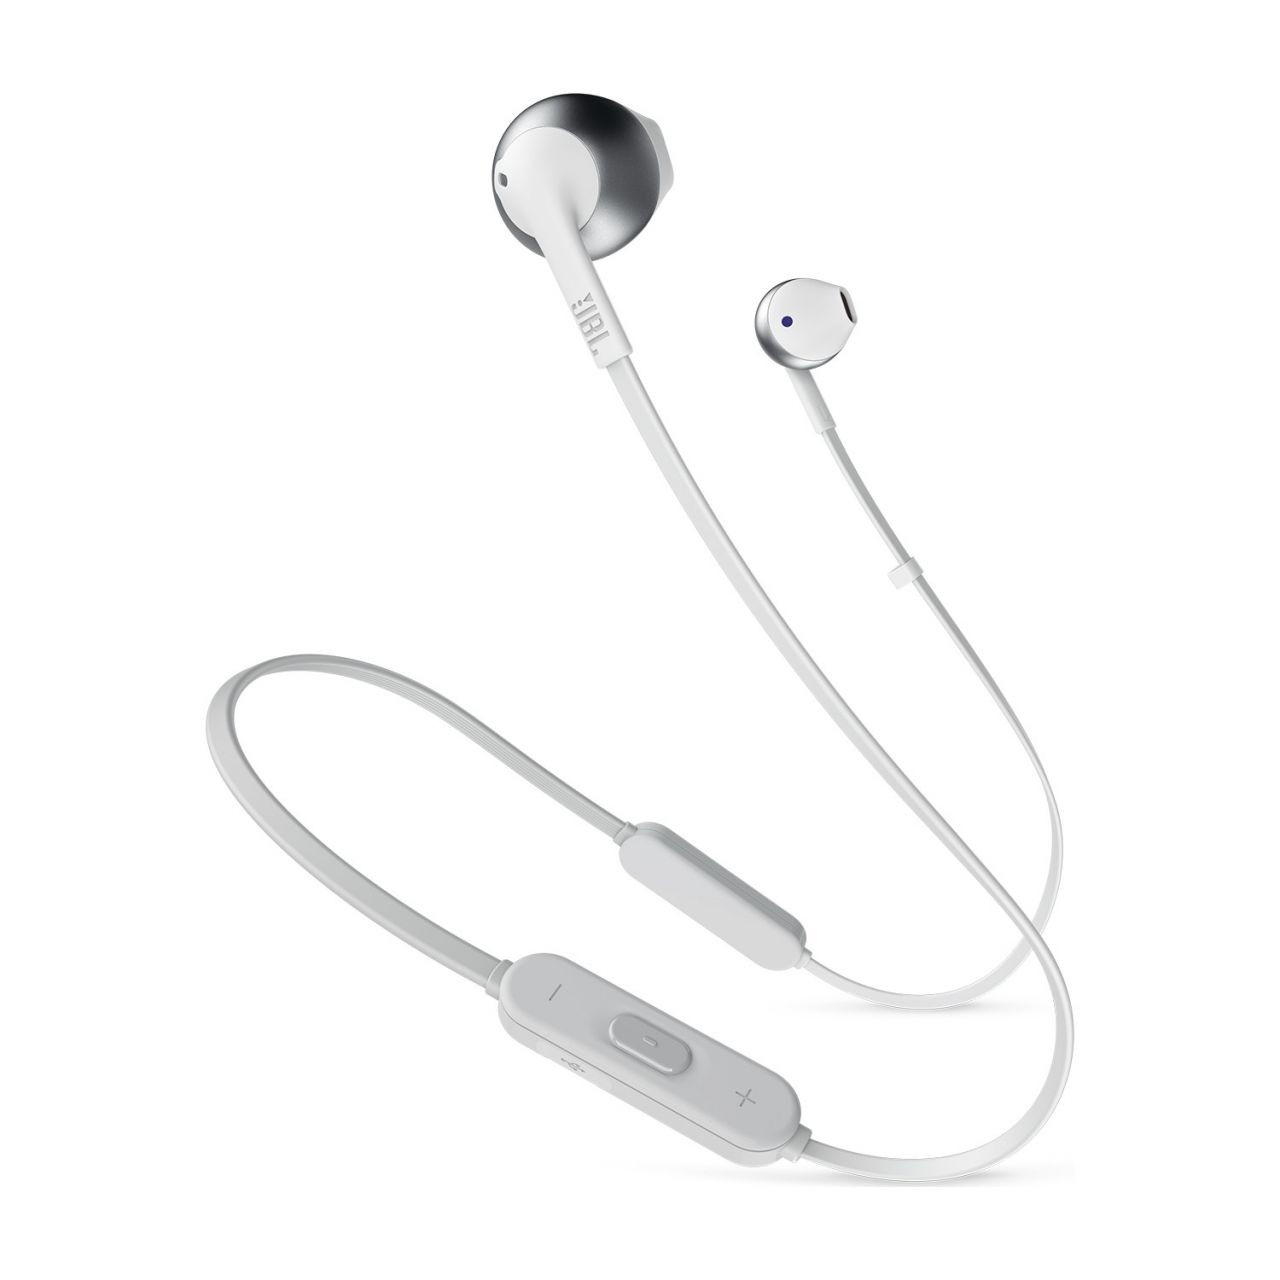 250 TL altı Bluetooth kulaklıklar -Aralık 2019 - Page 3